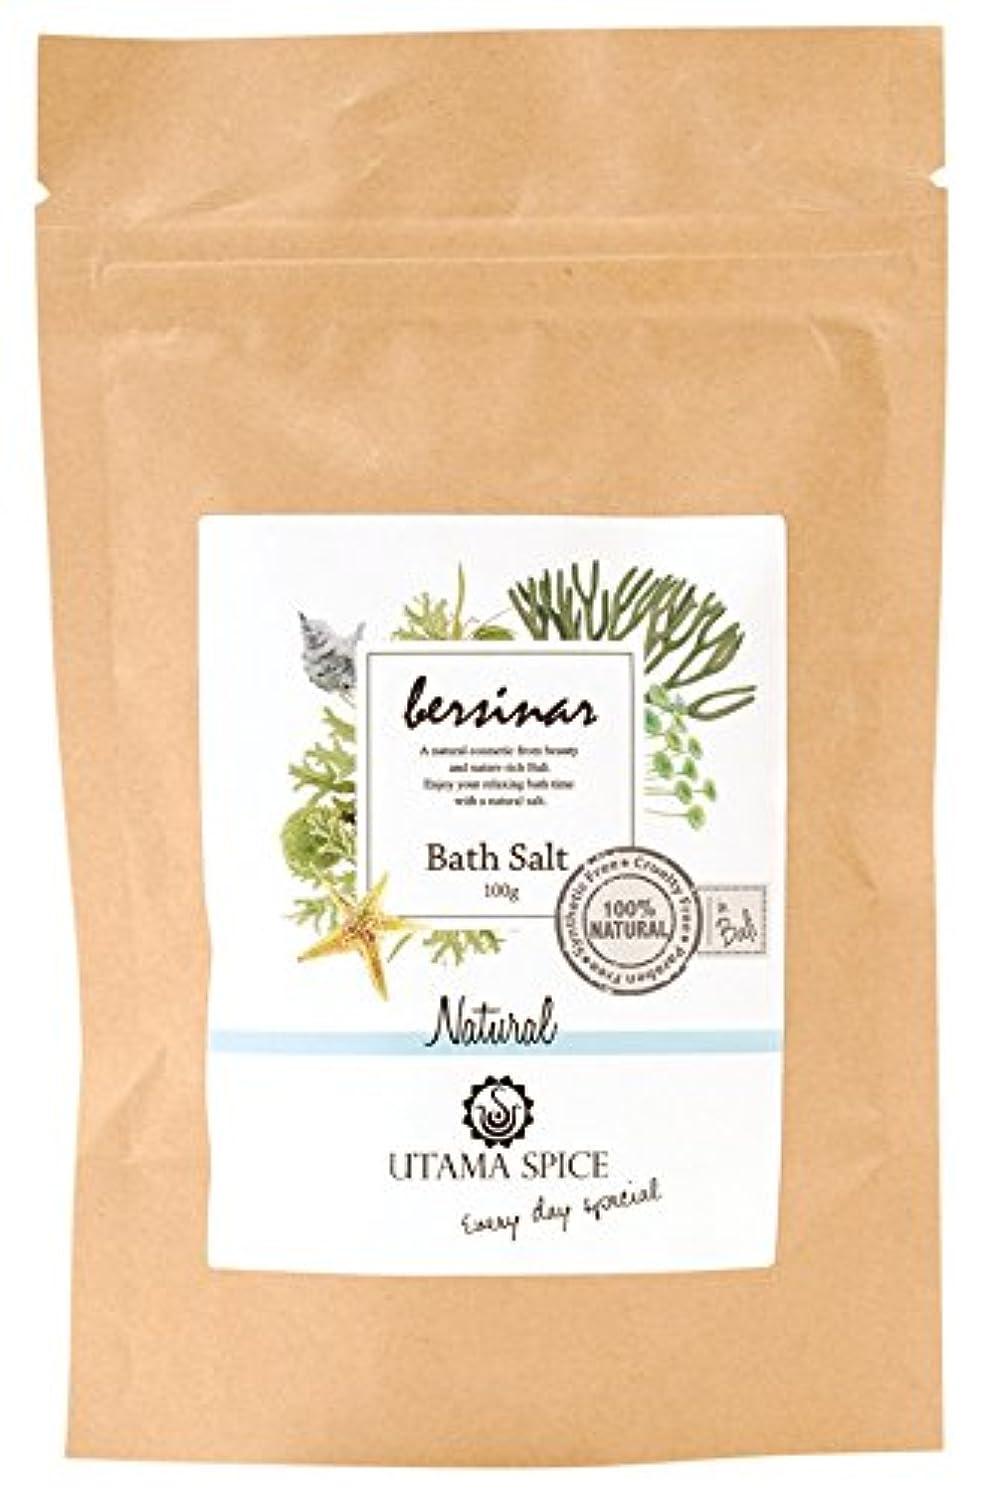 カリング影響力のあるあたたかいウタマスパイス 入浴剤 バスソルト ベルシナル 無香料 100g 2回分 OB-UTS-1-1